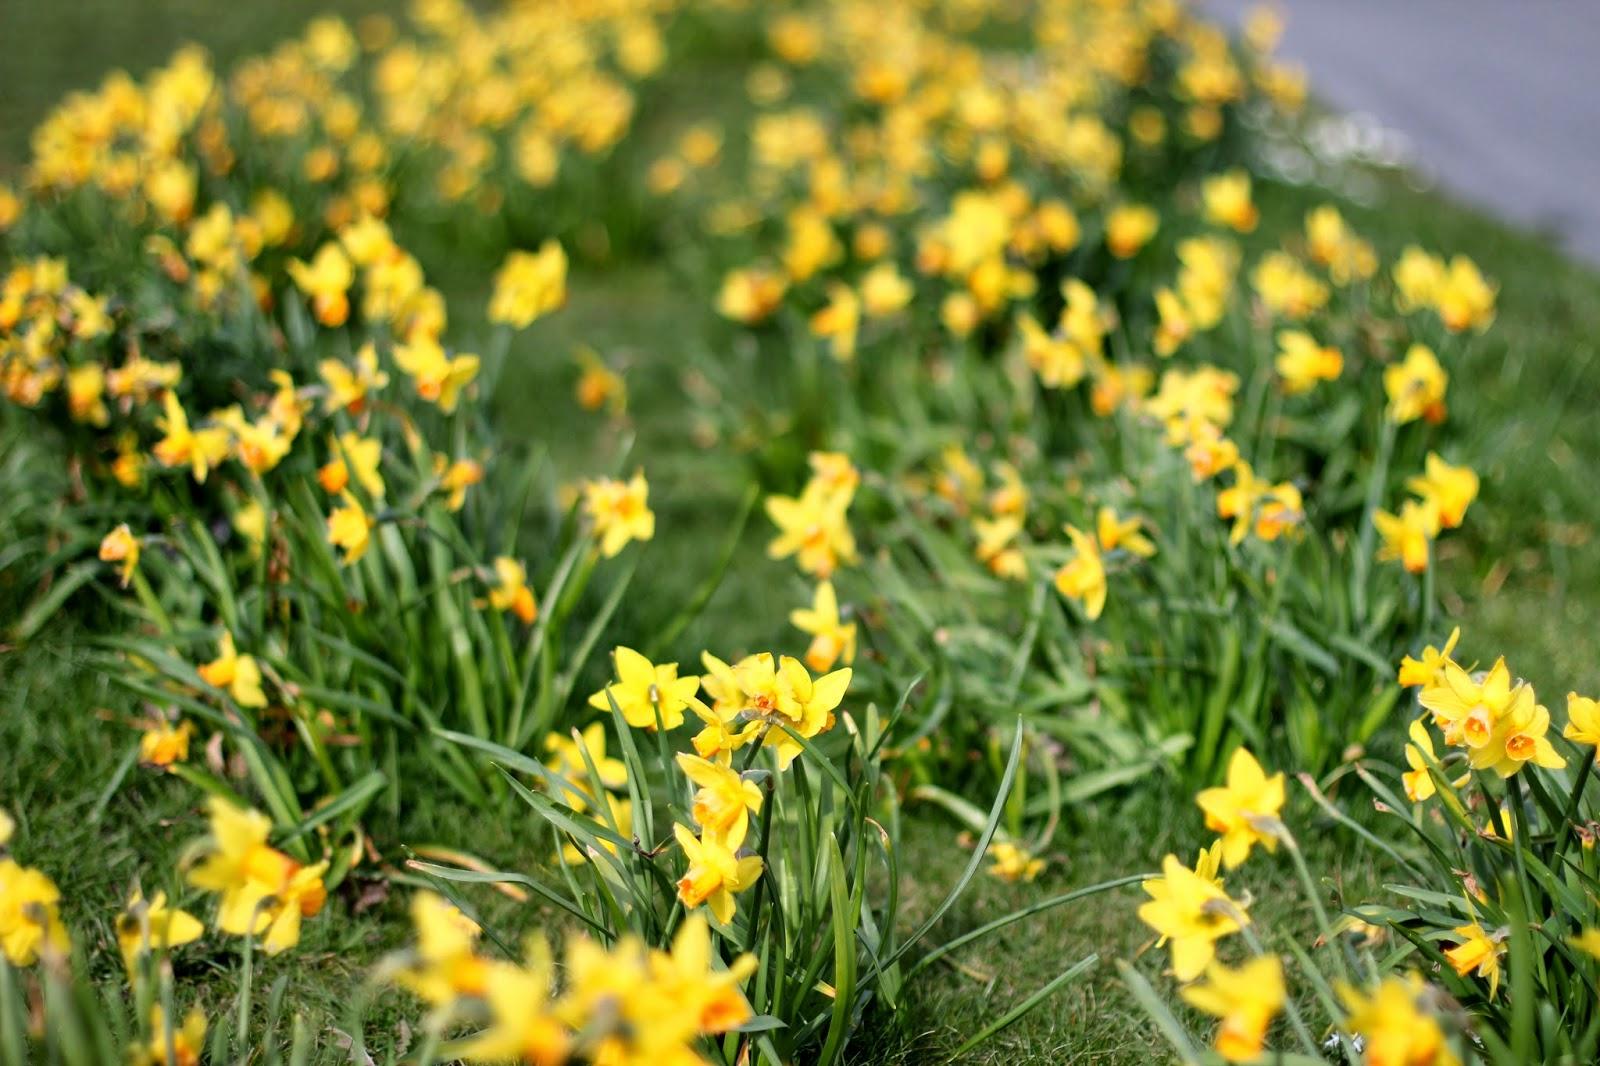 78646d0da823 Överallt ser man små gula fält. Underbart. Här är det mini daffodils som  växer, men i vår familj kallas de dillydafs. Fråga mig inte varför!